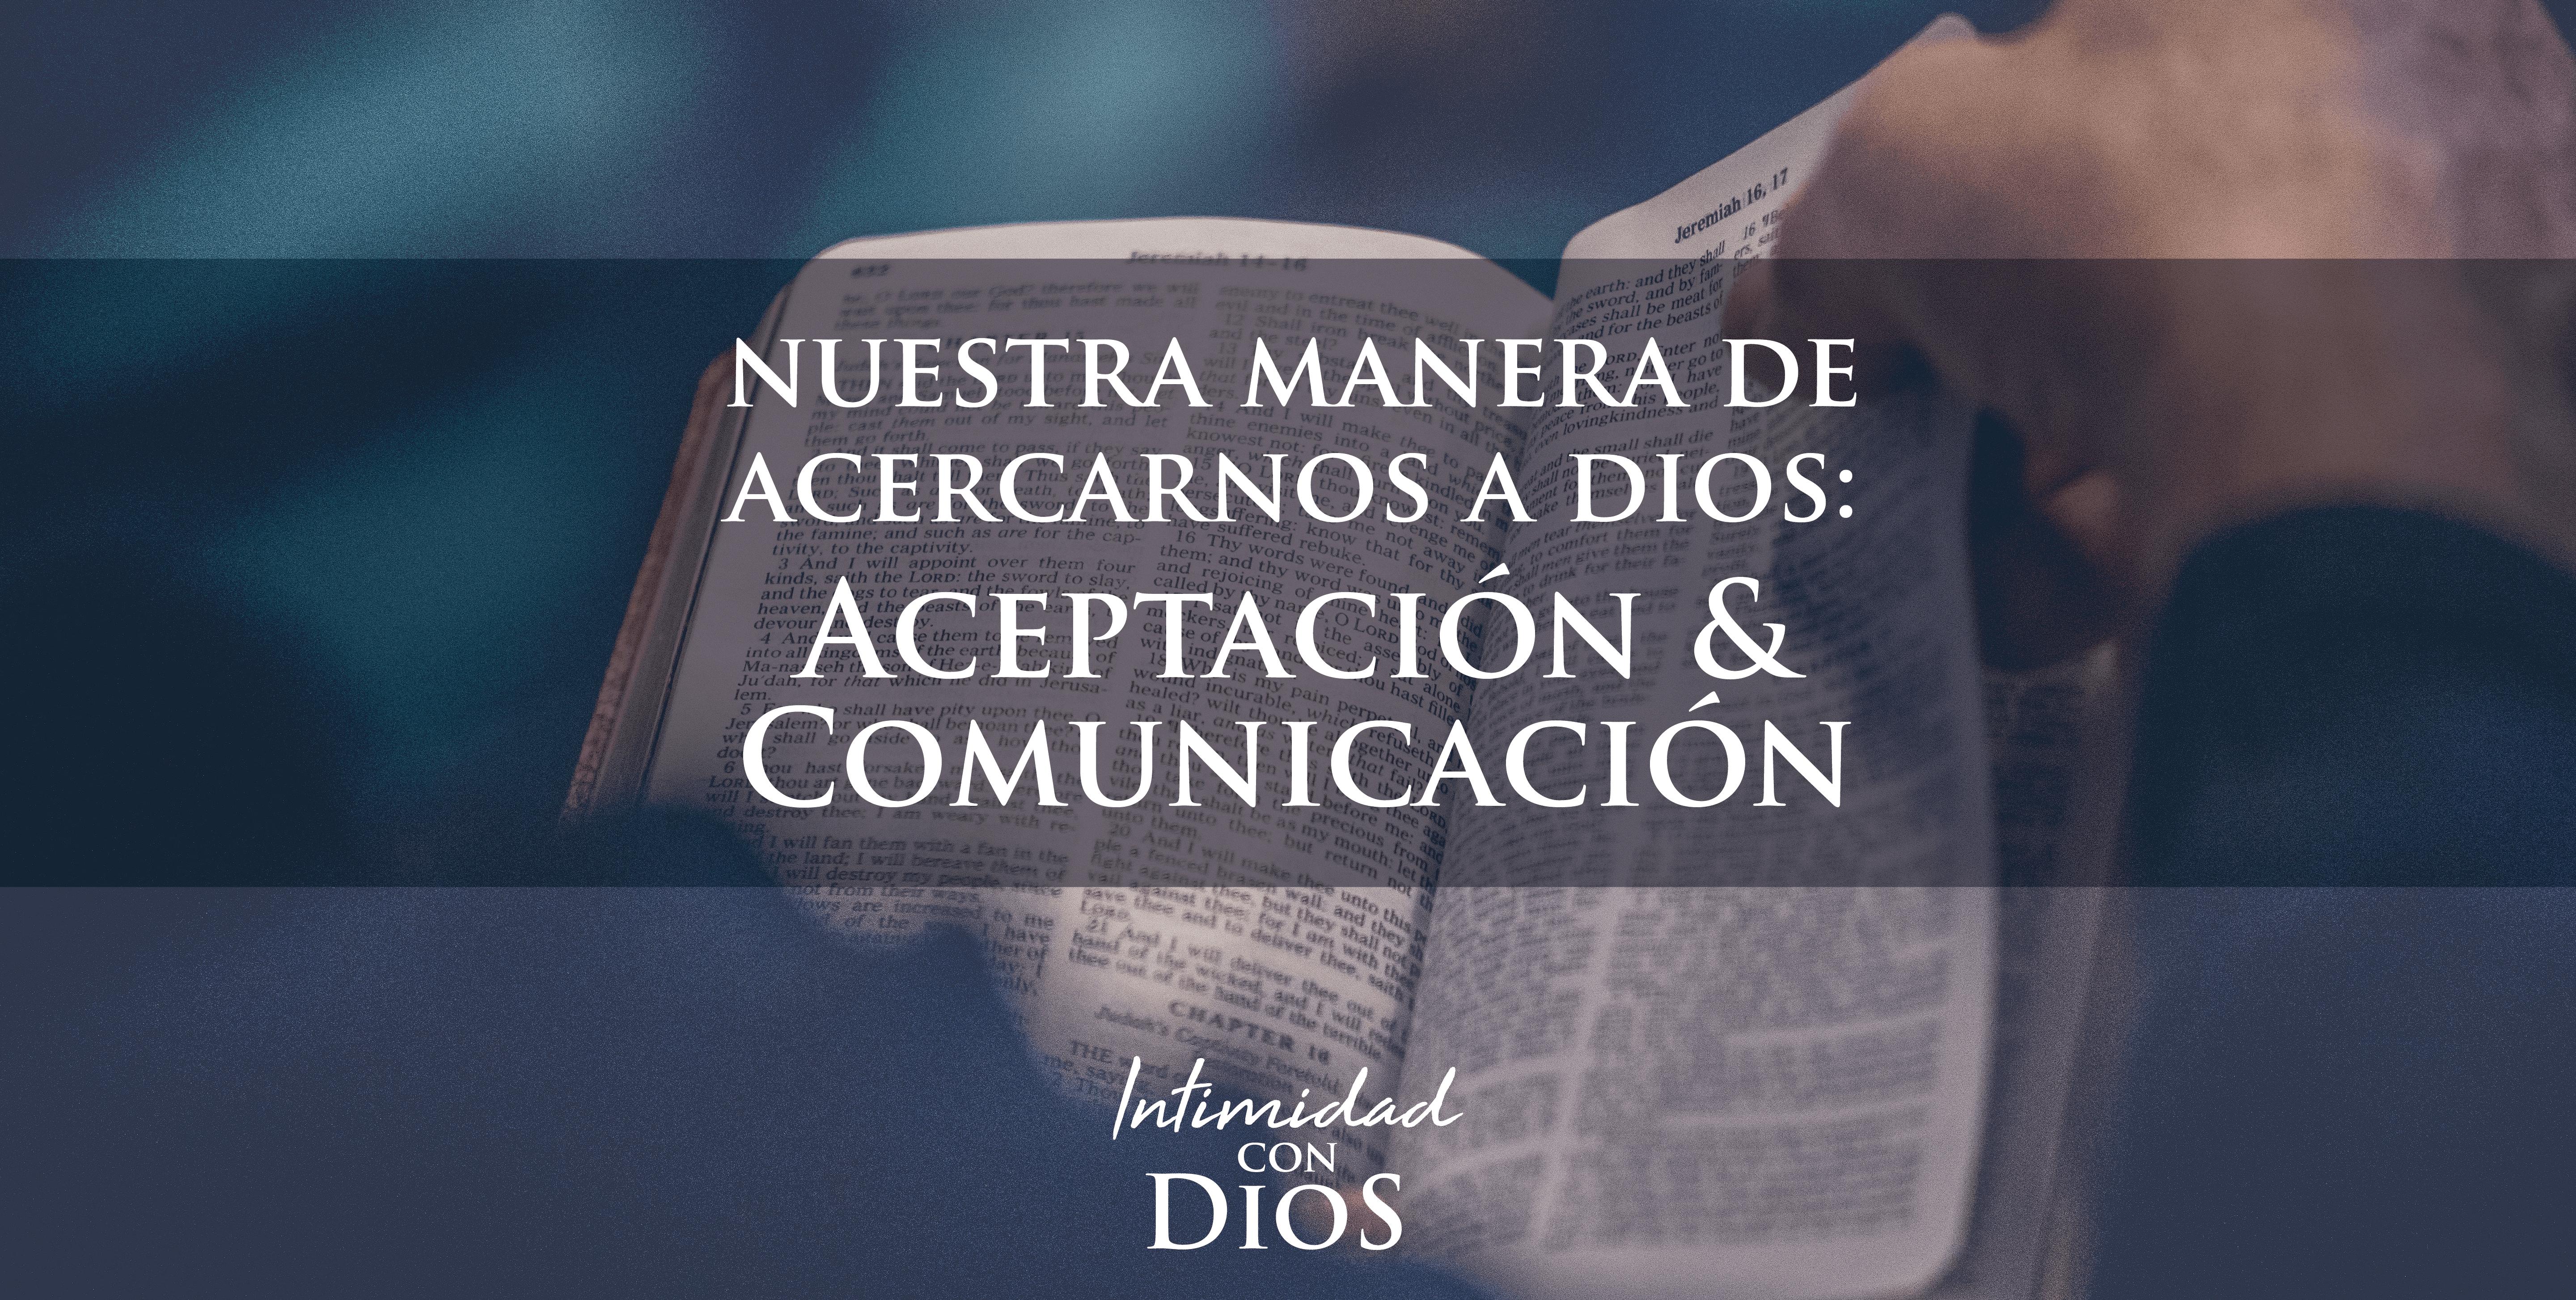 Nuestra manera de acercarnos a Dios:  Aceptación  y Comunicación